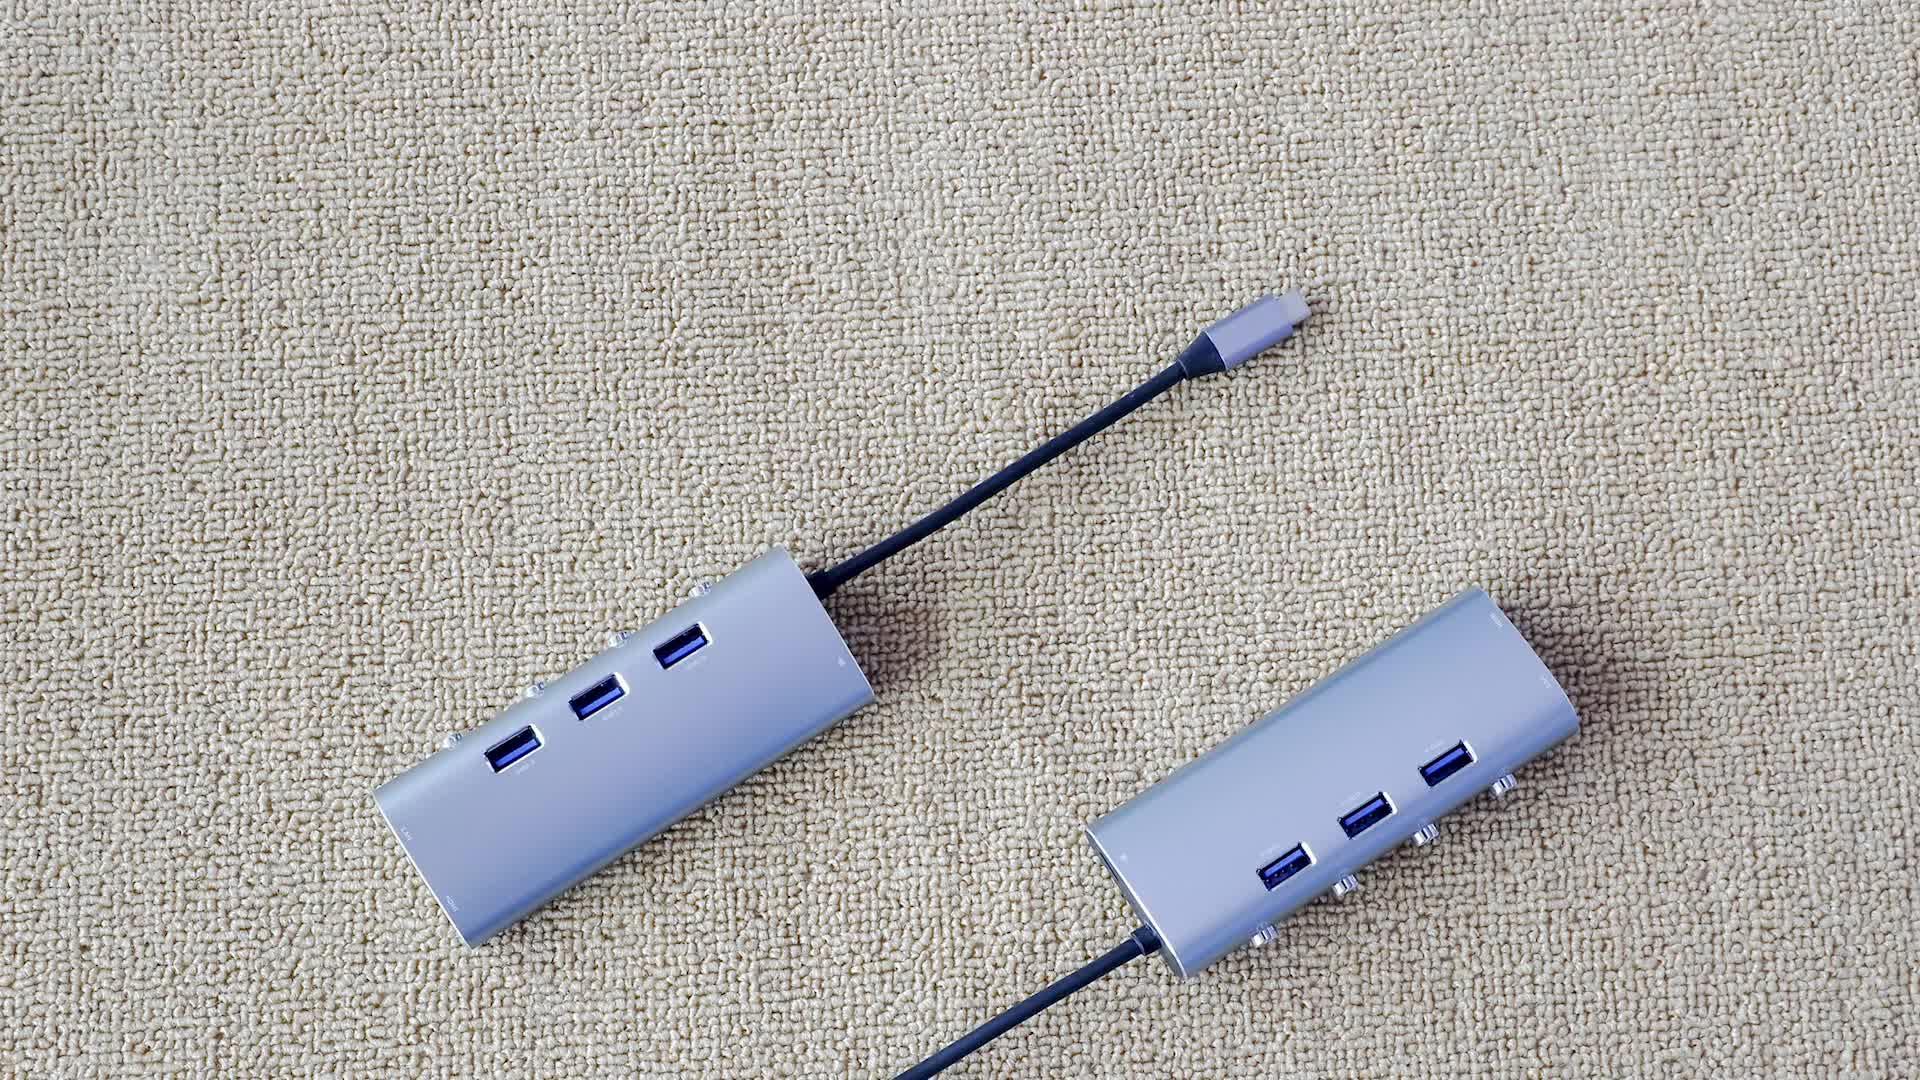 10 Years Factory High Quality HDM1 3x USB3.0 4K Video HD Type C USB Hub